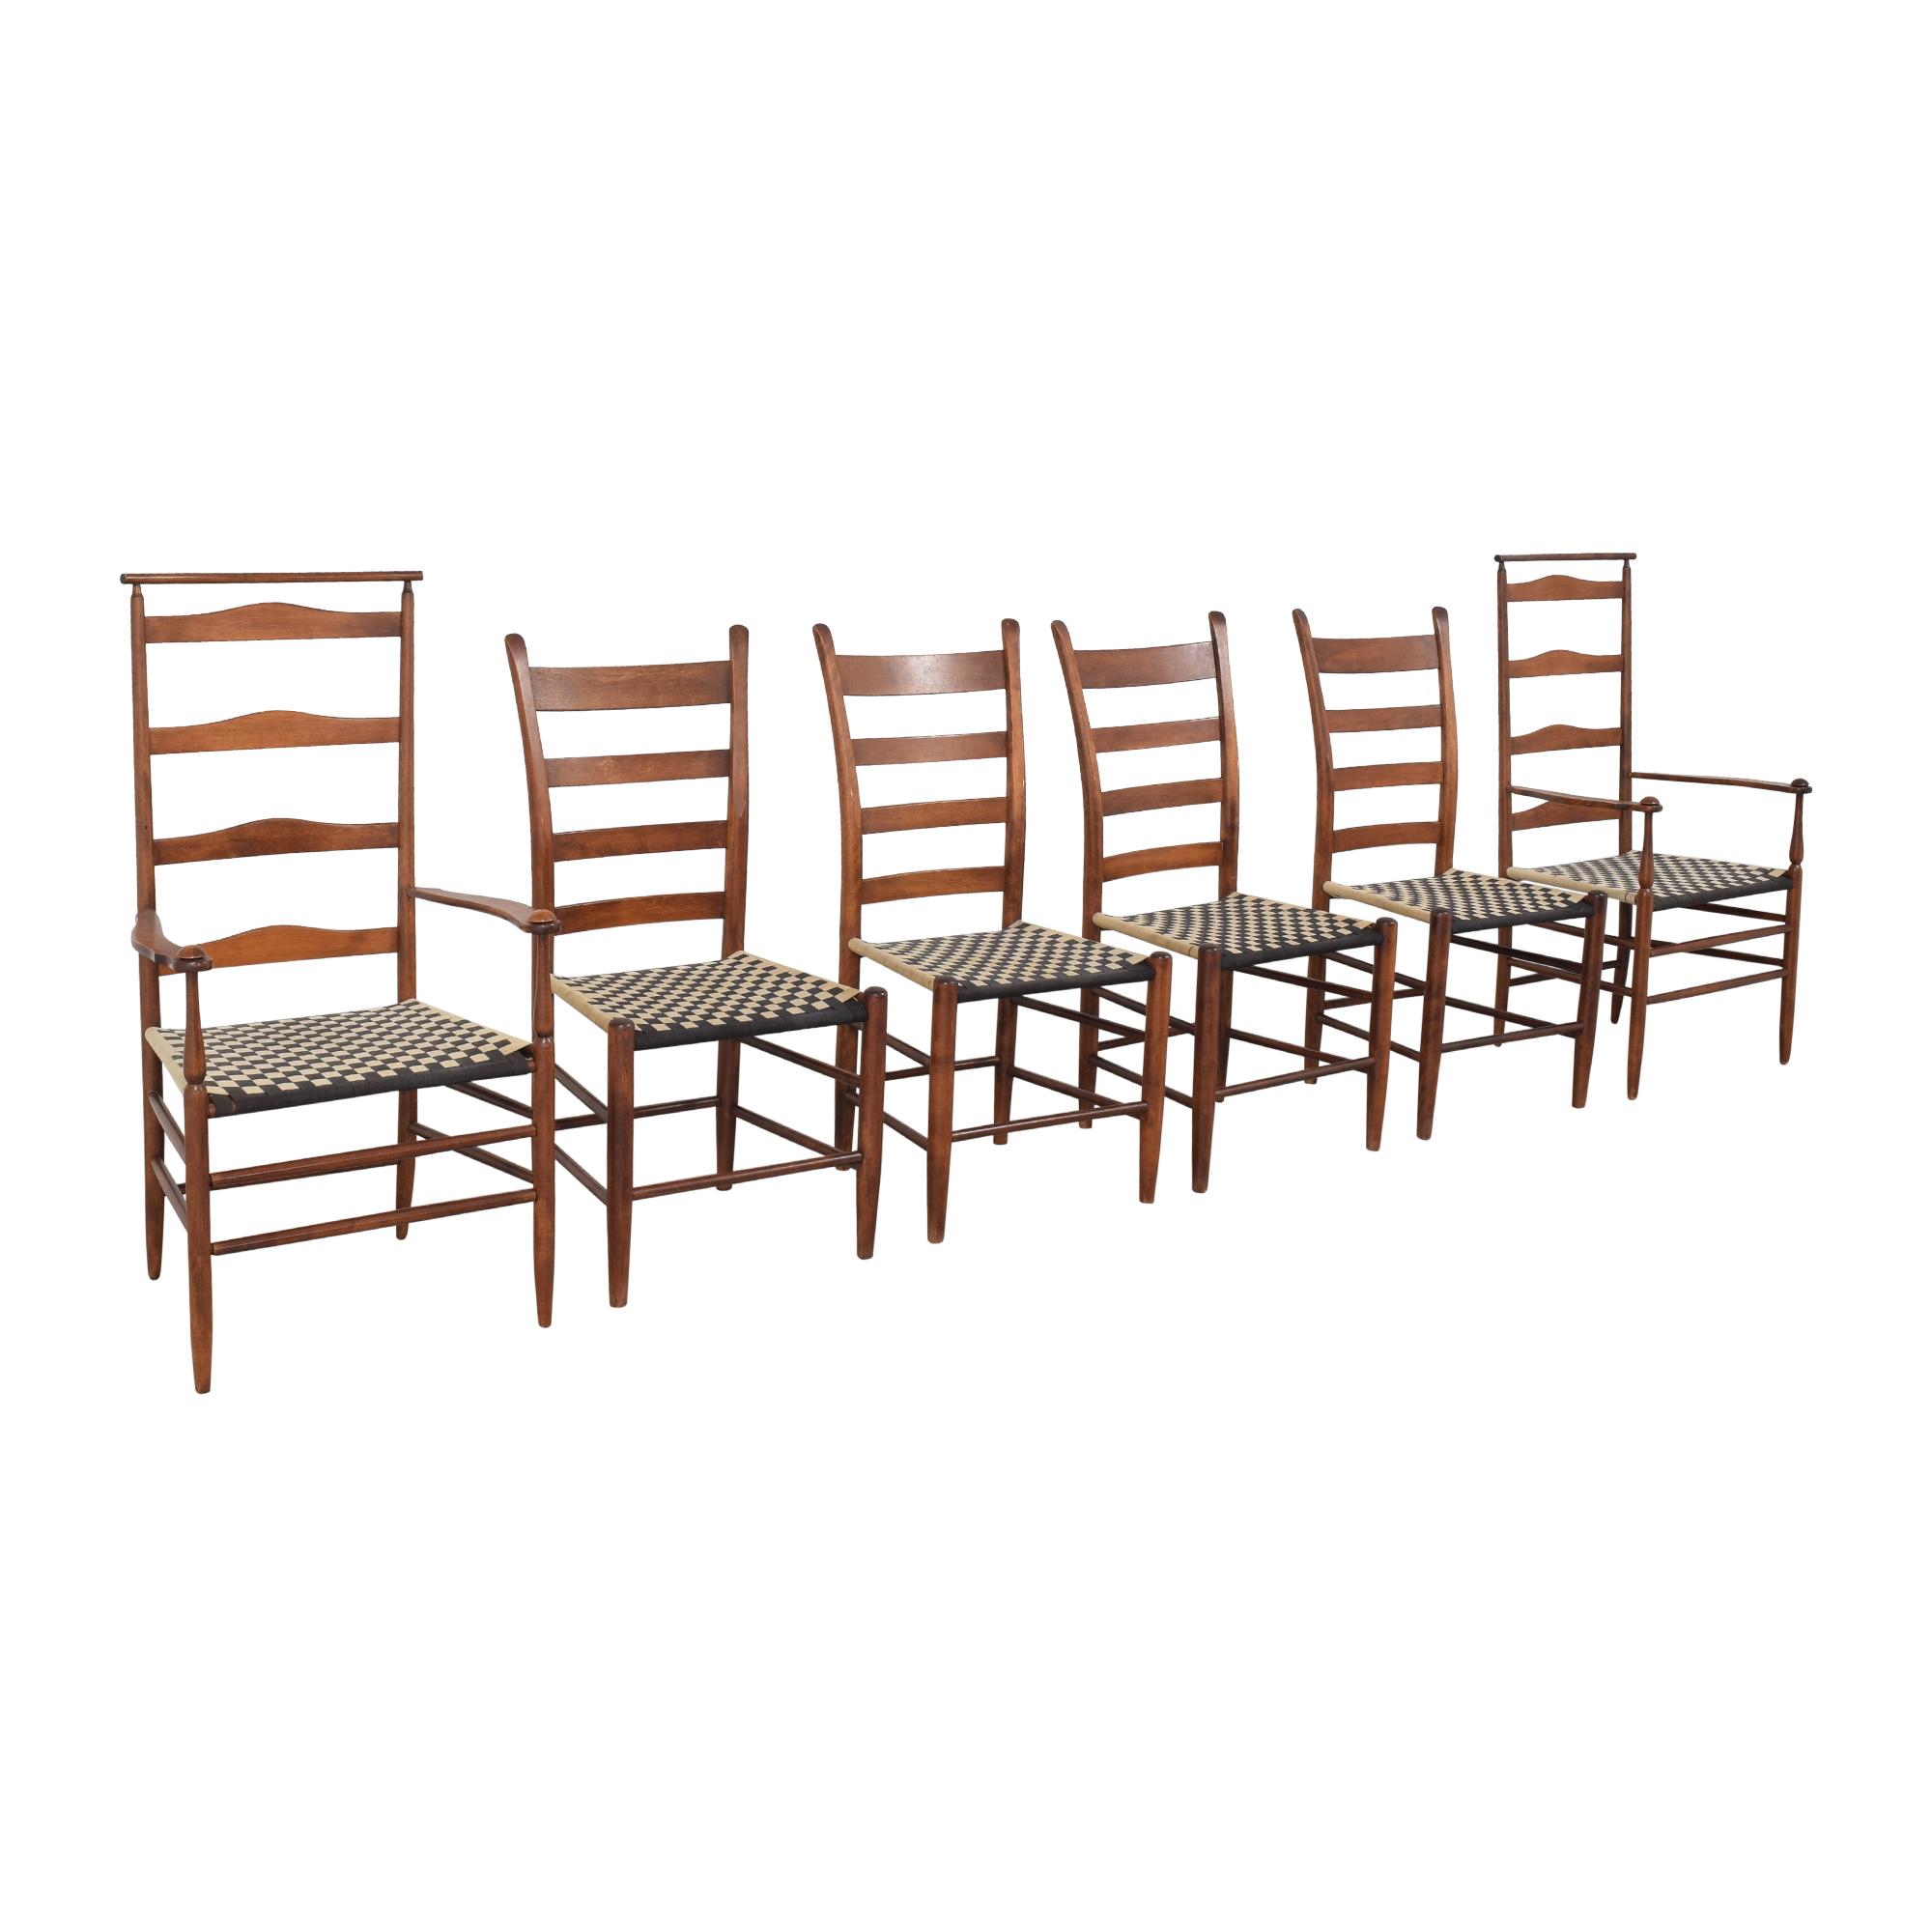 Nichols & Stone Nichols & Stone Ladder Back Dining Chairs pa